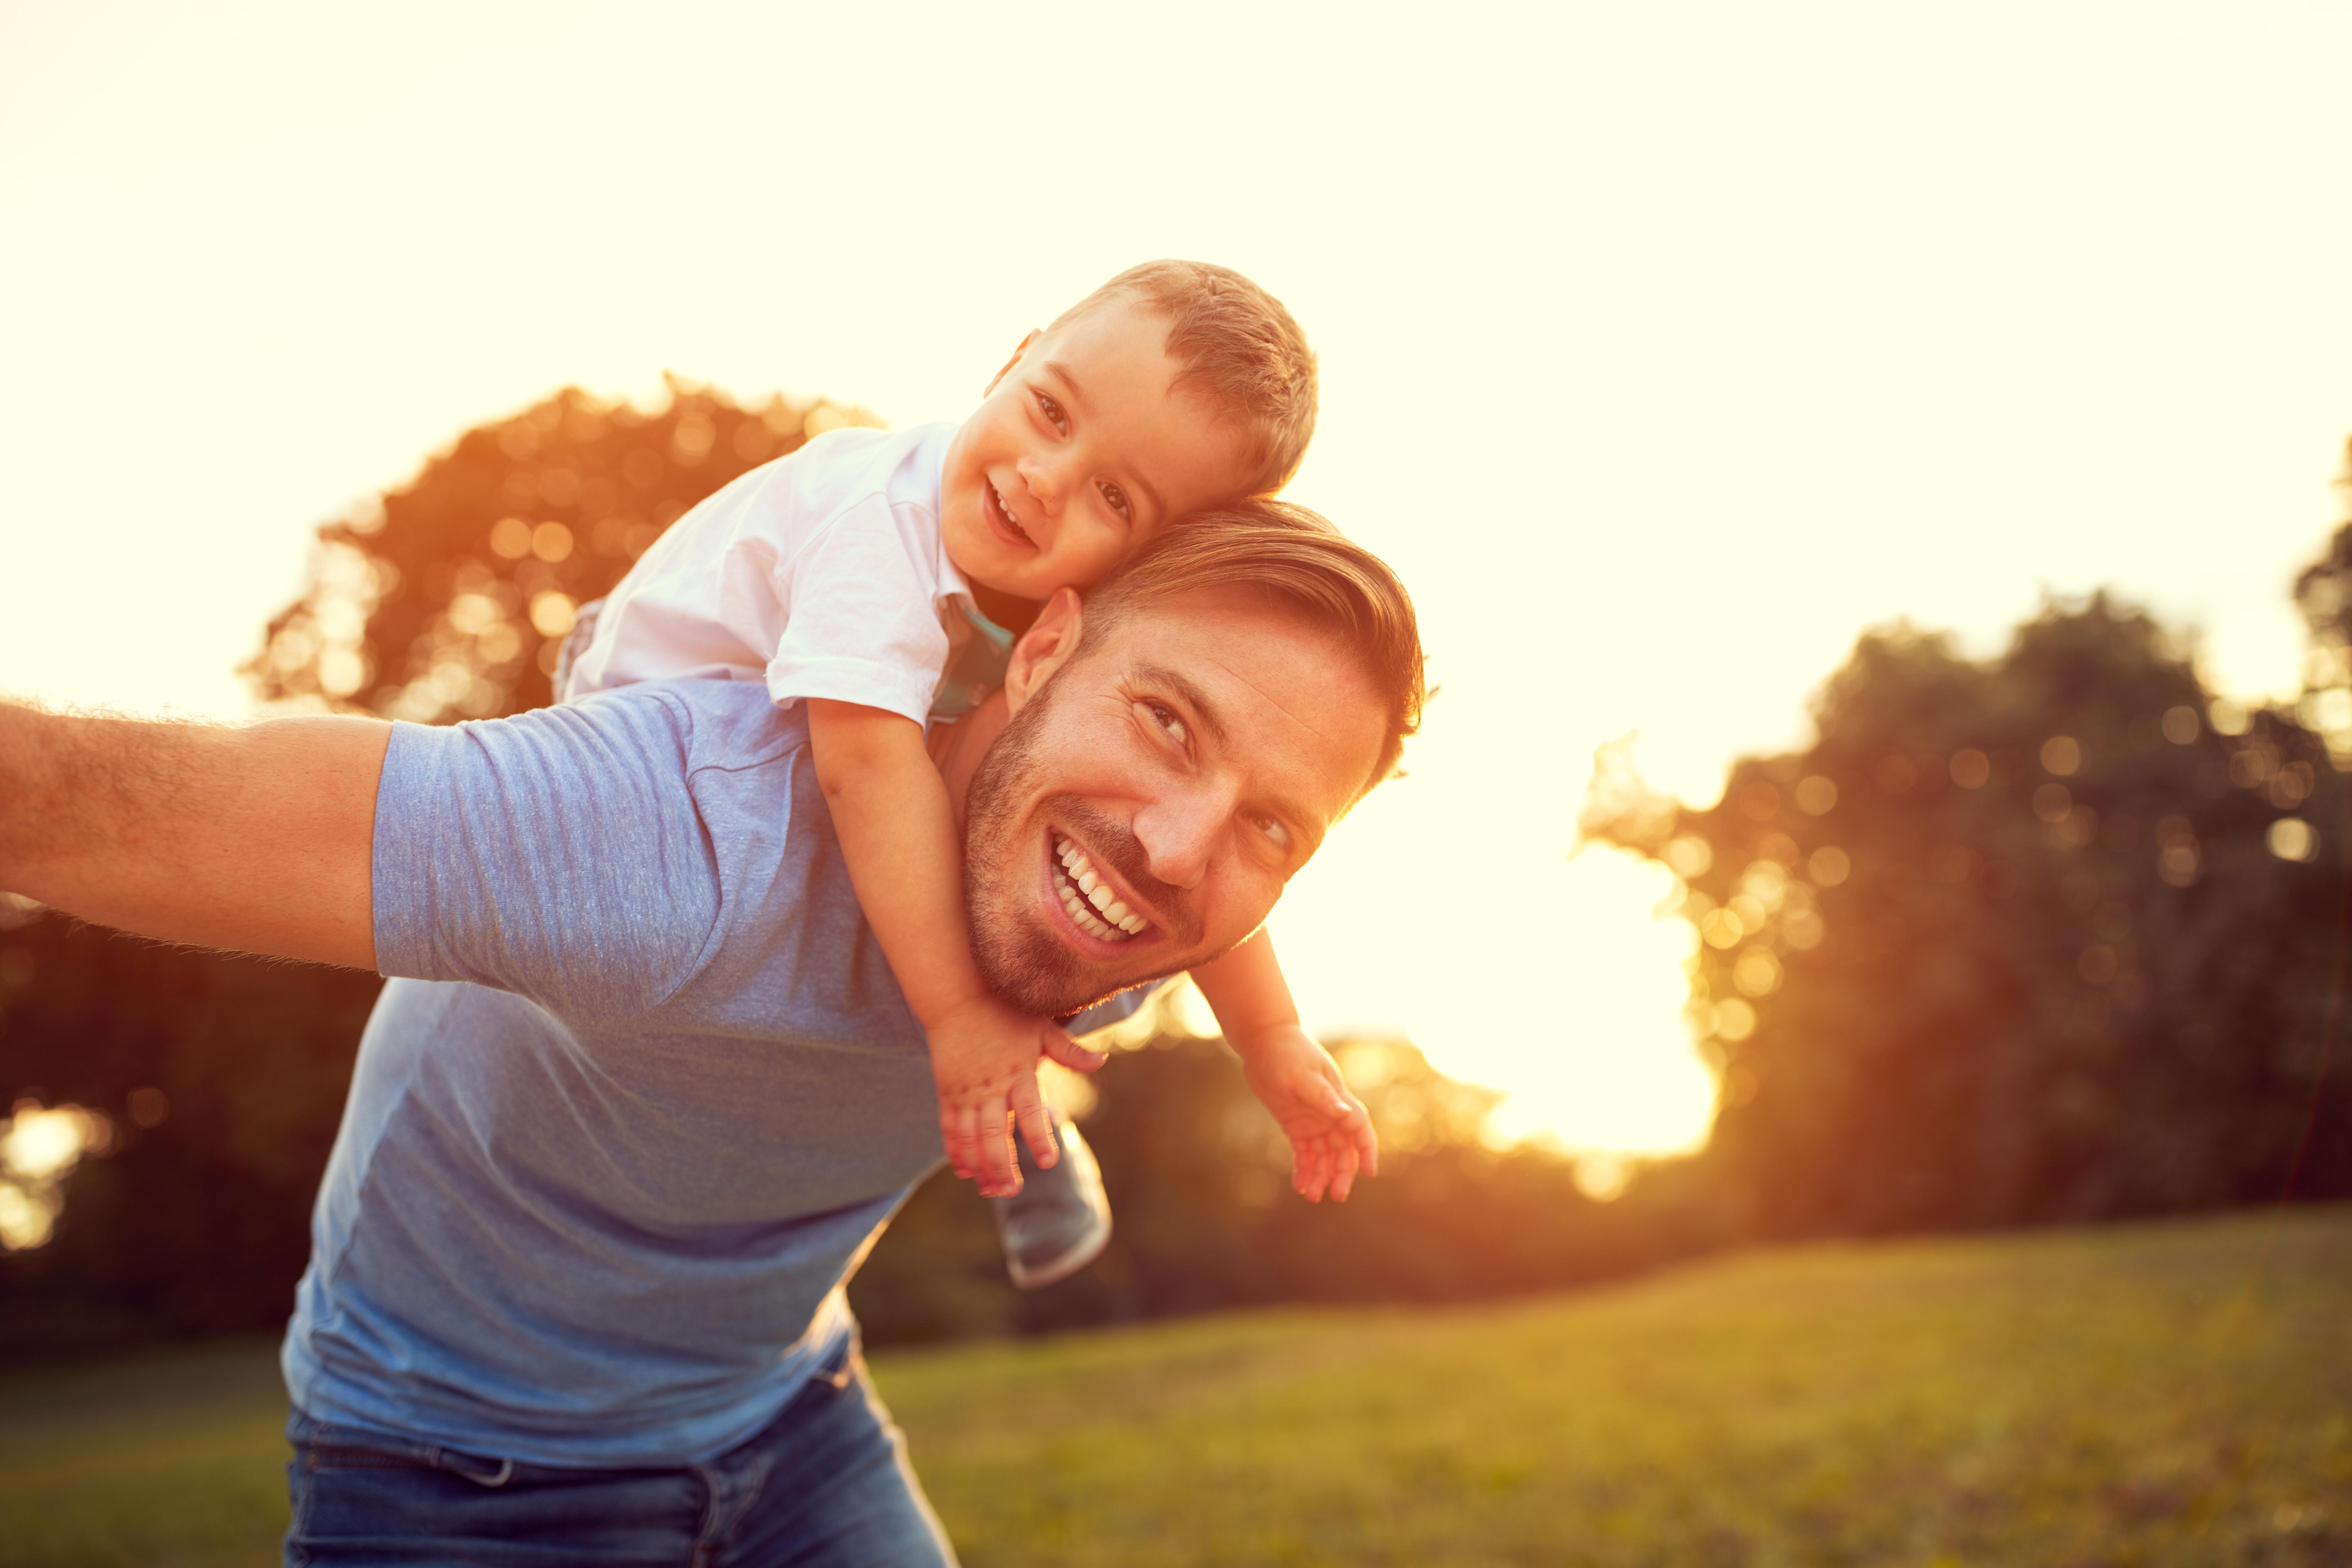 Tetano: 5 da cose da sapere per prevenirlo